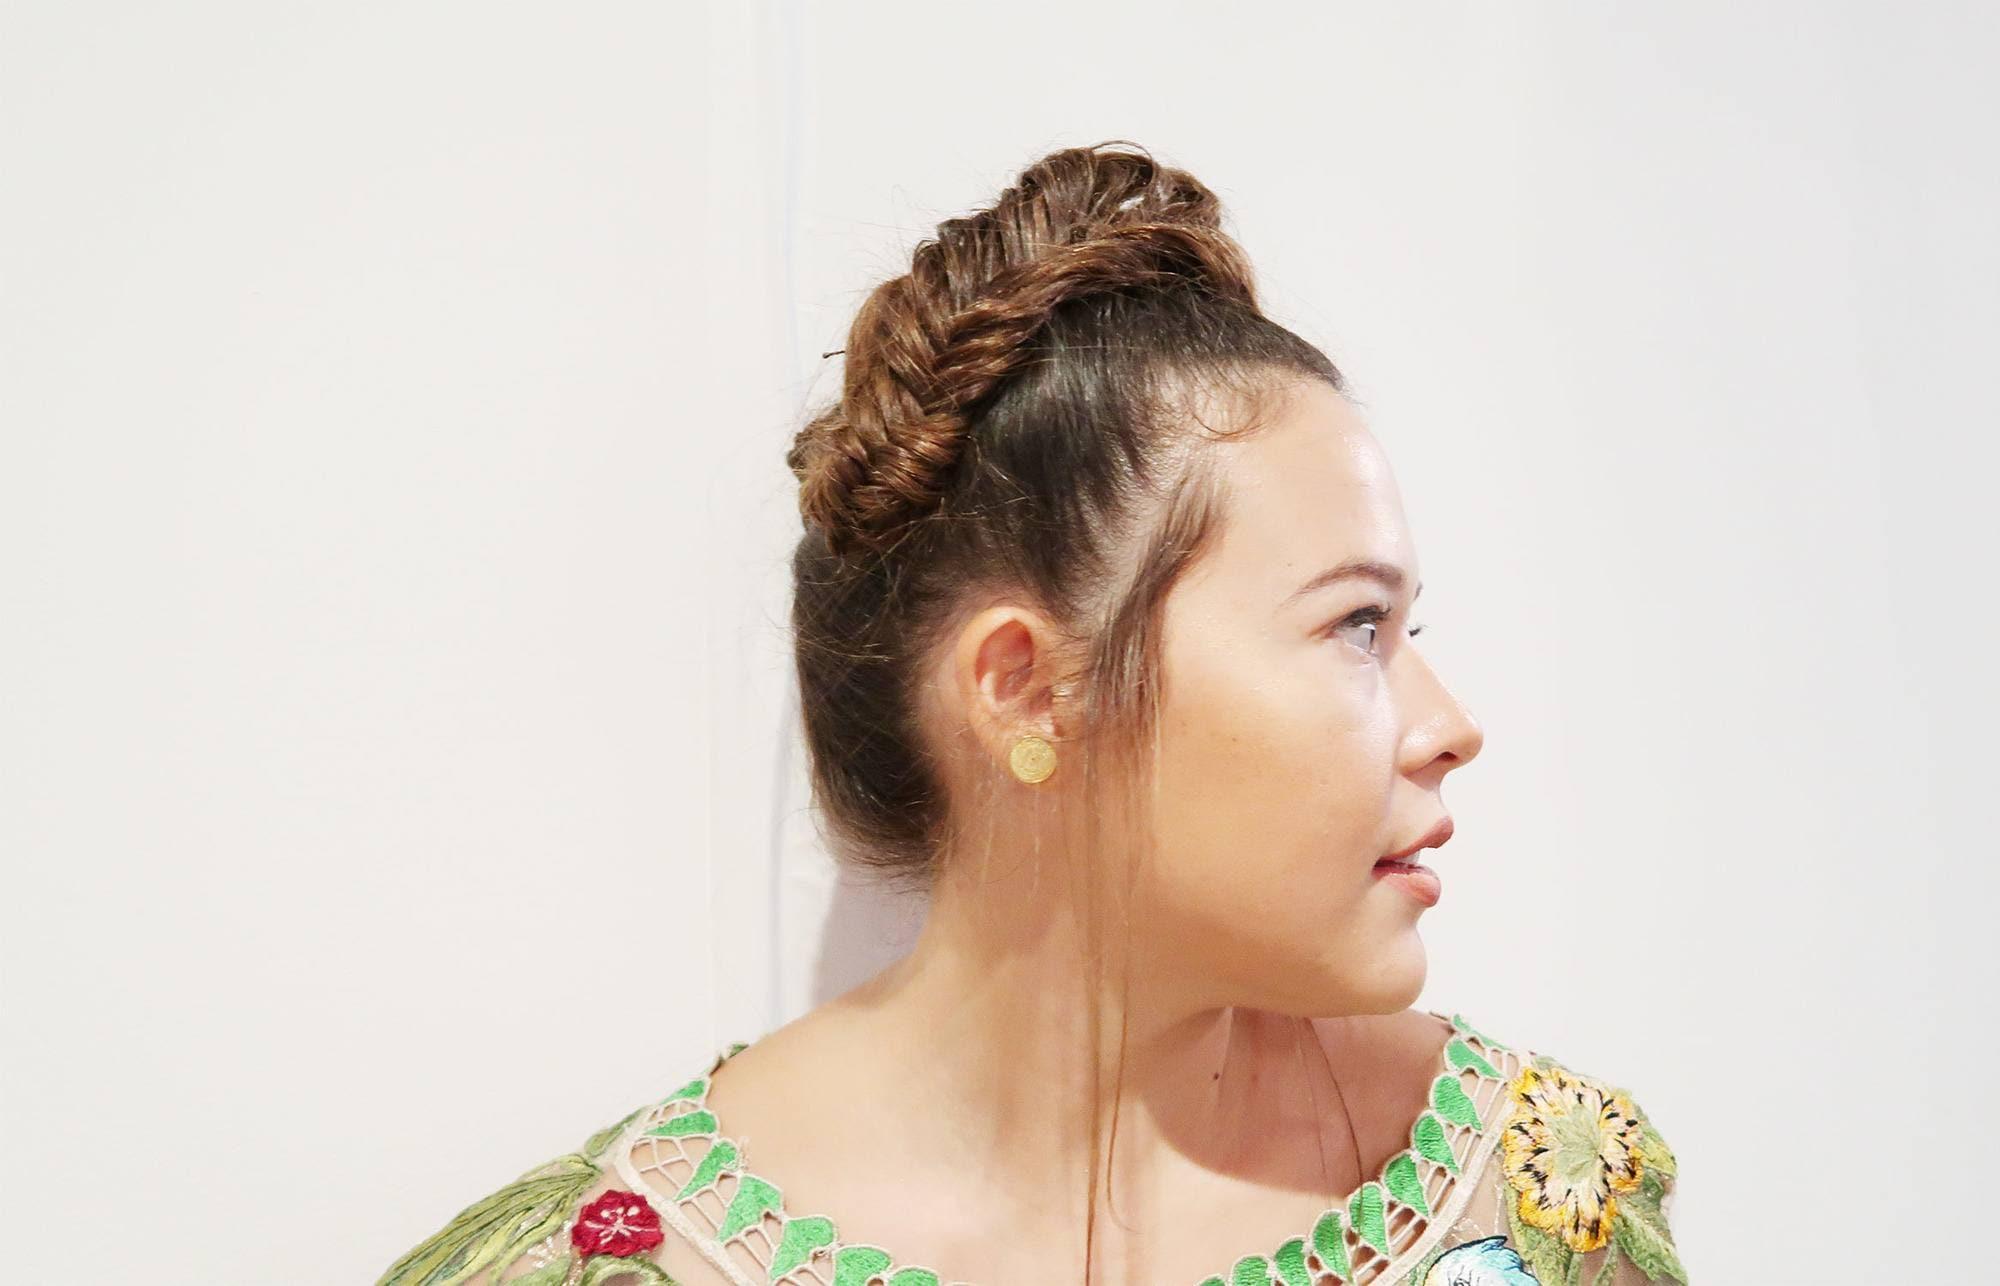 Vista de perfil de mujer castaña con cabello sujeto en una trenza que le zurca el pelo